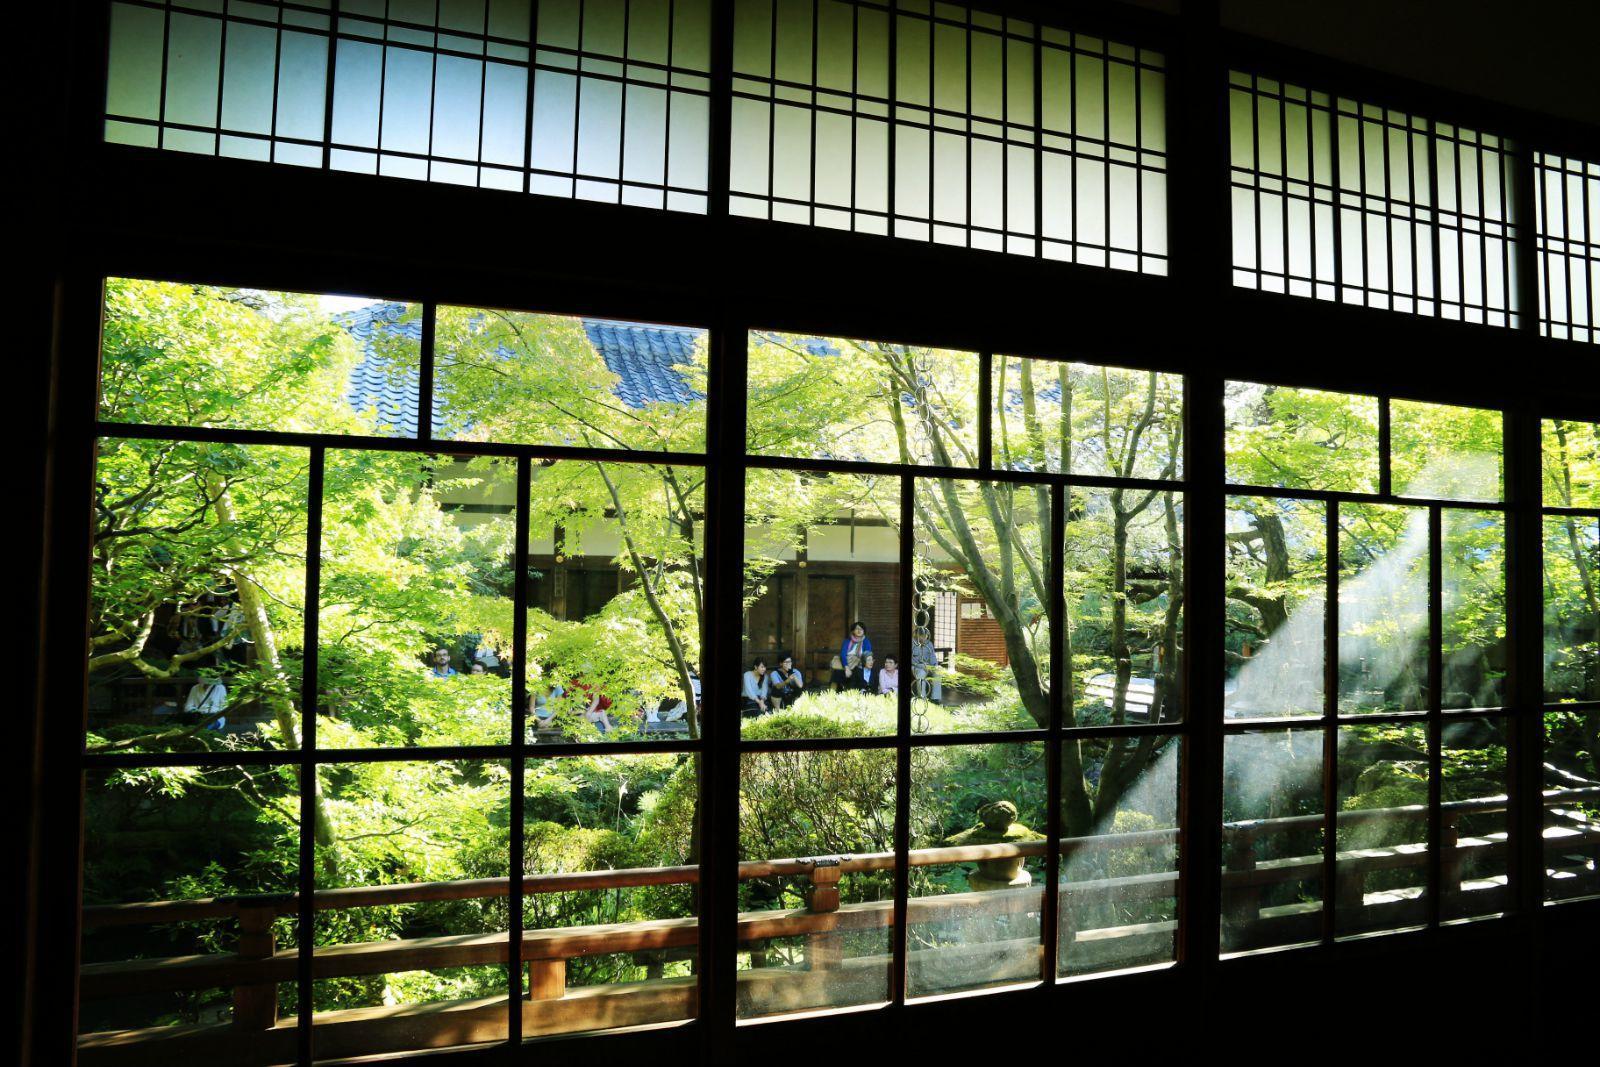 室内长廊的窗户印衬出庭院之美